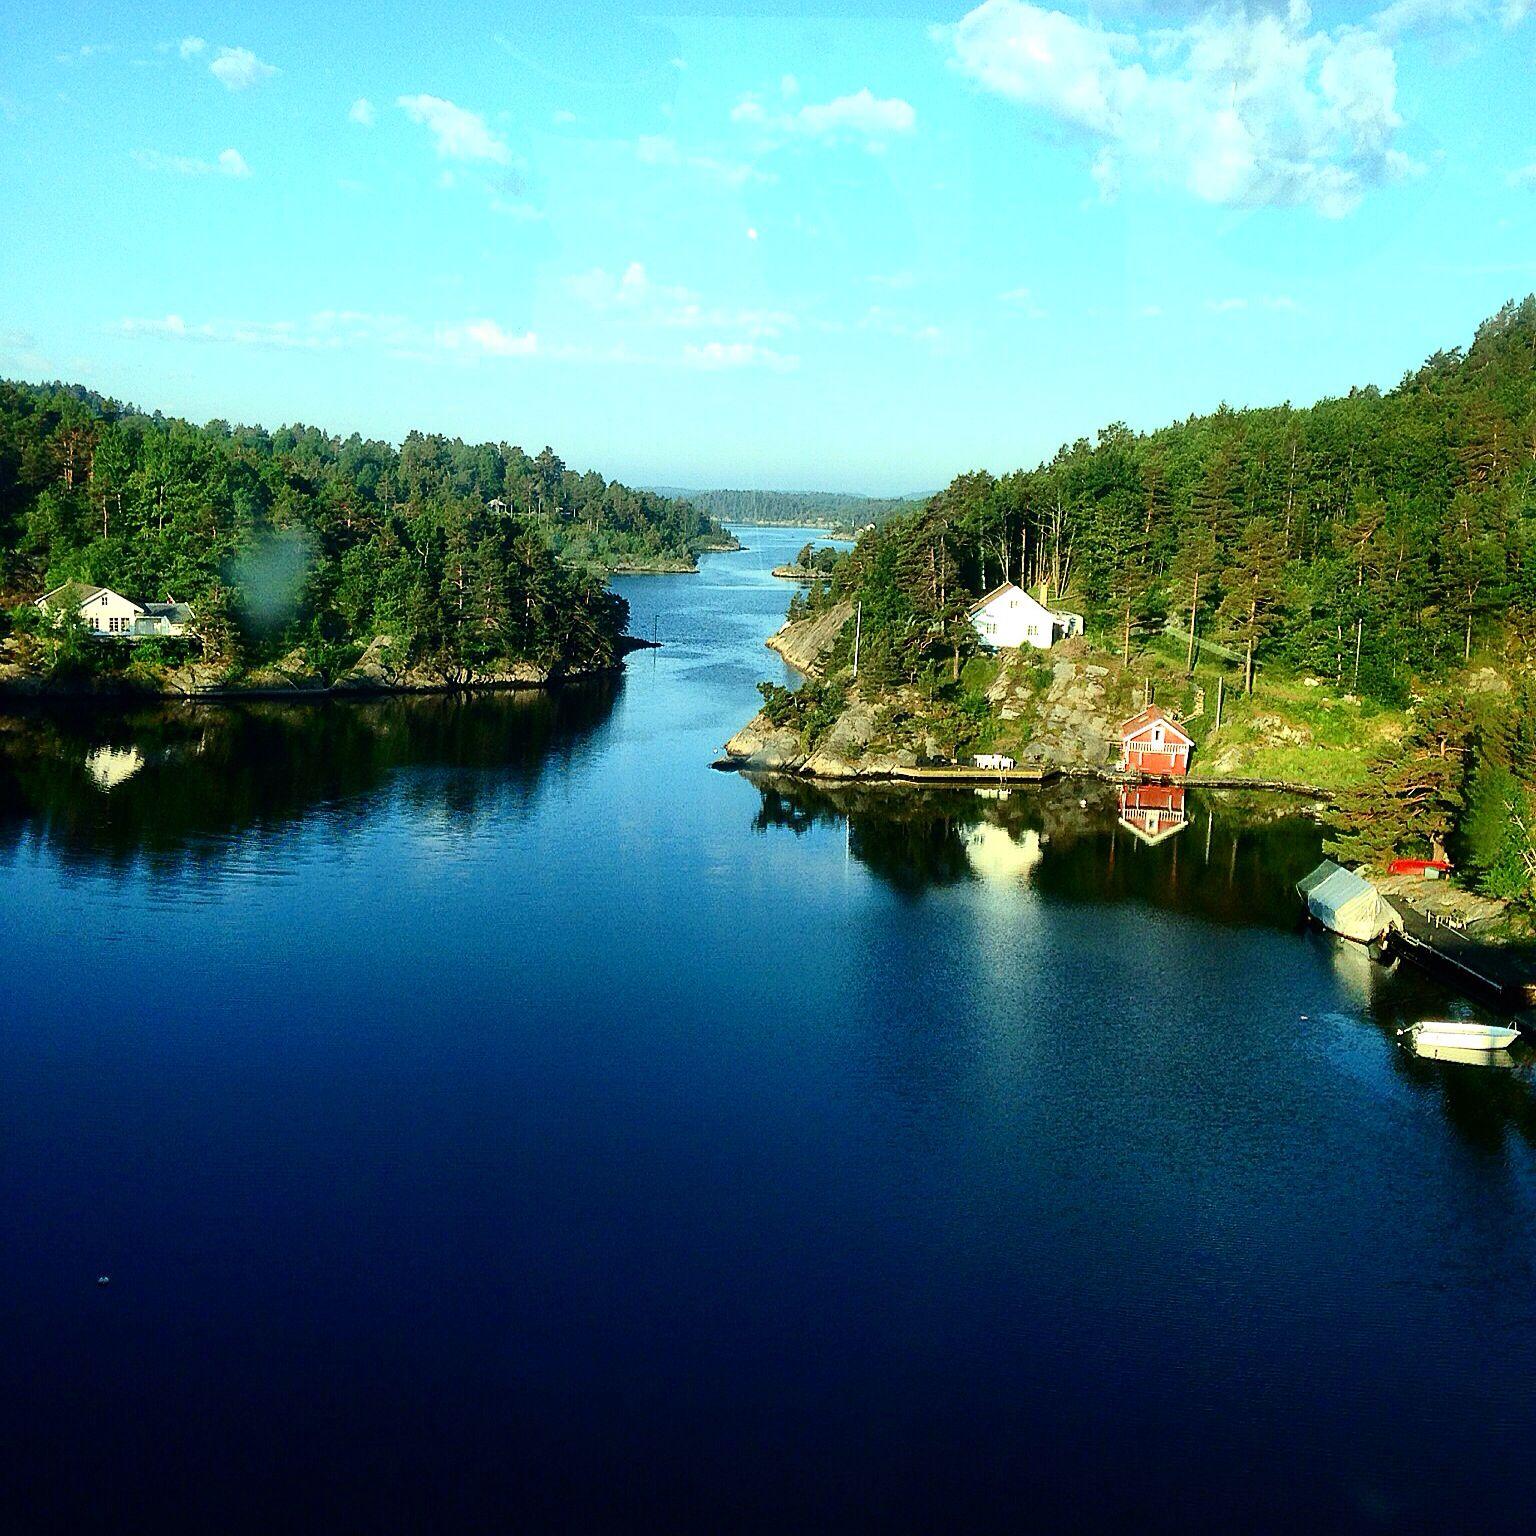 Justøy bridge, direction against city of Kristiansand.